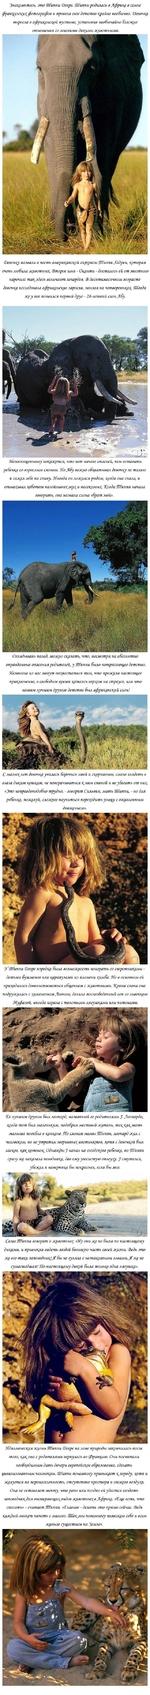 Знакомьтесь, это Шиппи Фегре. Шиппи родилась в Яфри\е в семье французскую фотографов и провела свое детство крайне необычно. Февочка выросла в африканский пустыне, установив необычайно близкие отношения со многими дикими животными. <Вевочку назвали в честь американской актрисы Шиппи Хедрен, котора